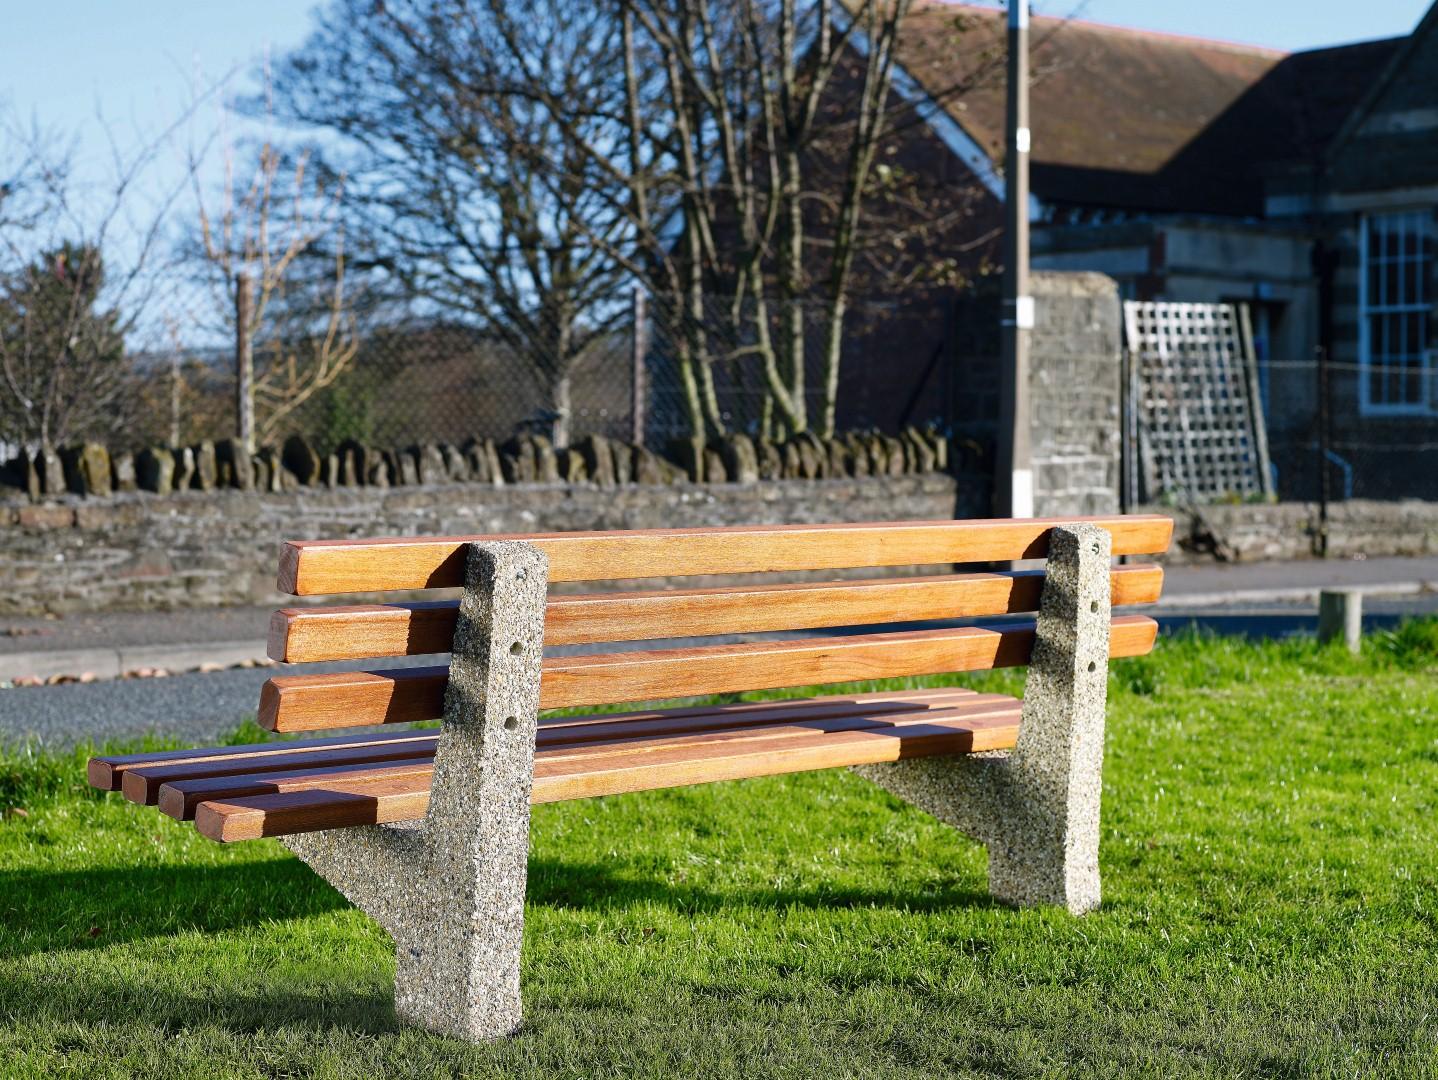 Southampton seat in park